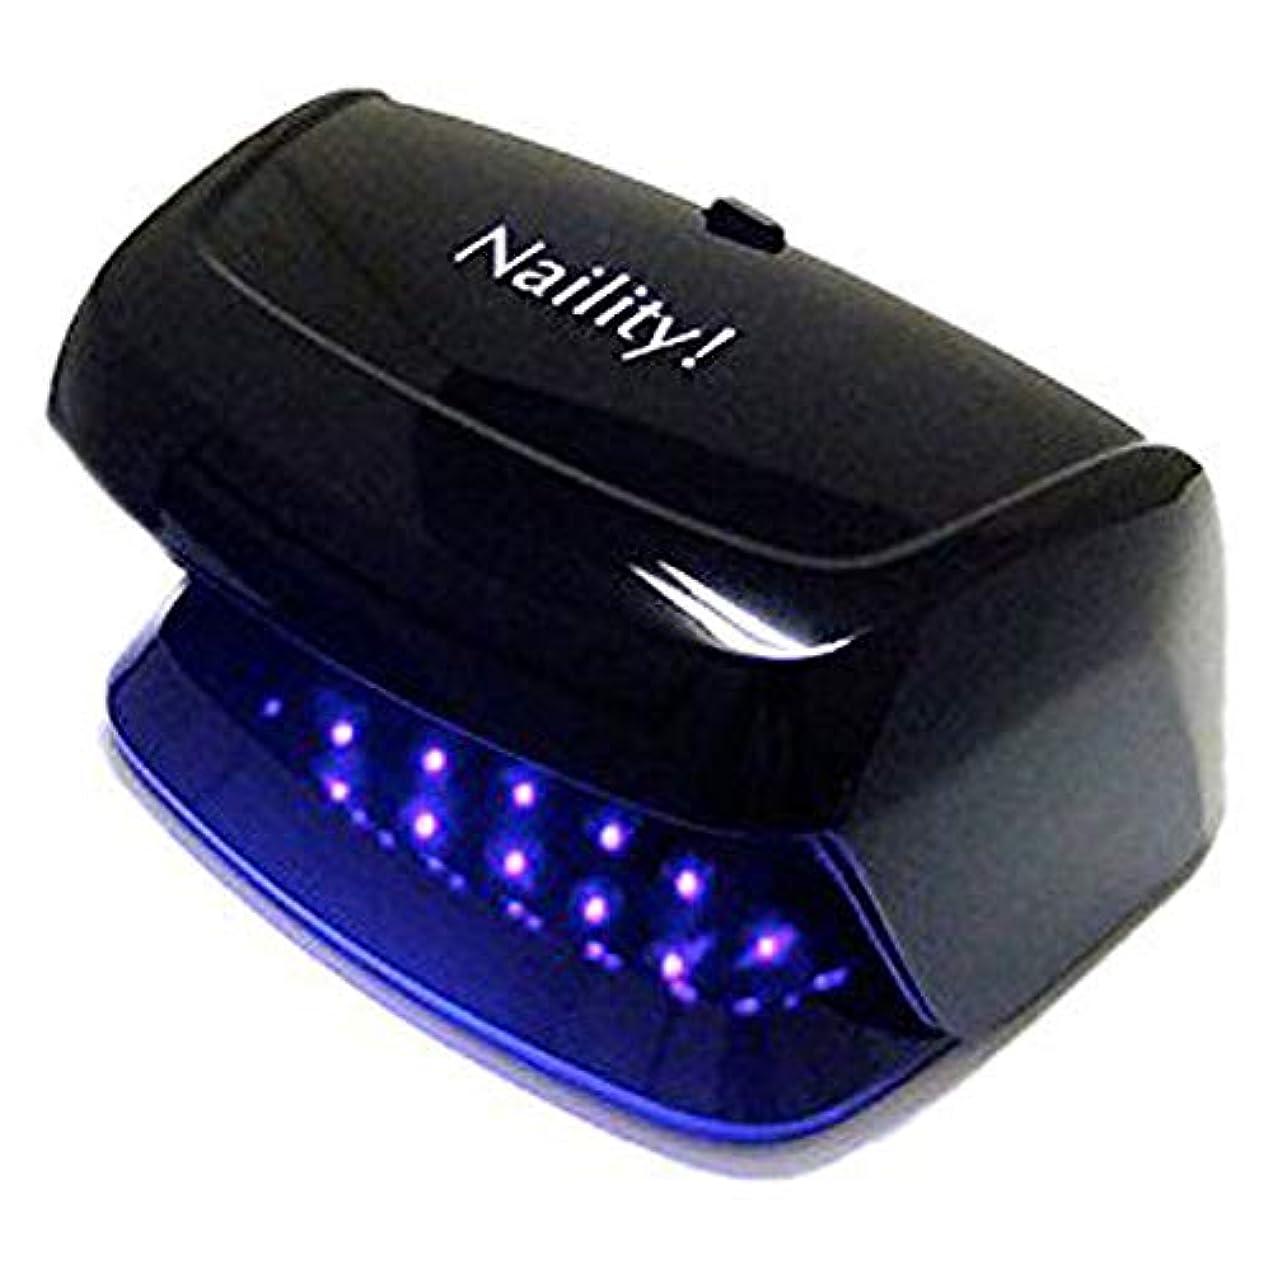 ペレット郡討論Naility!(ネイリティ!) Naility! LEDライト 3W /Black ジェルネイル 1個